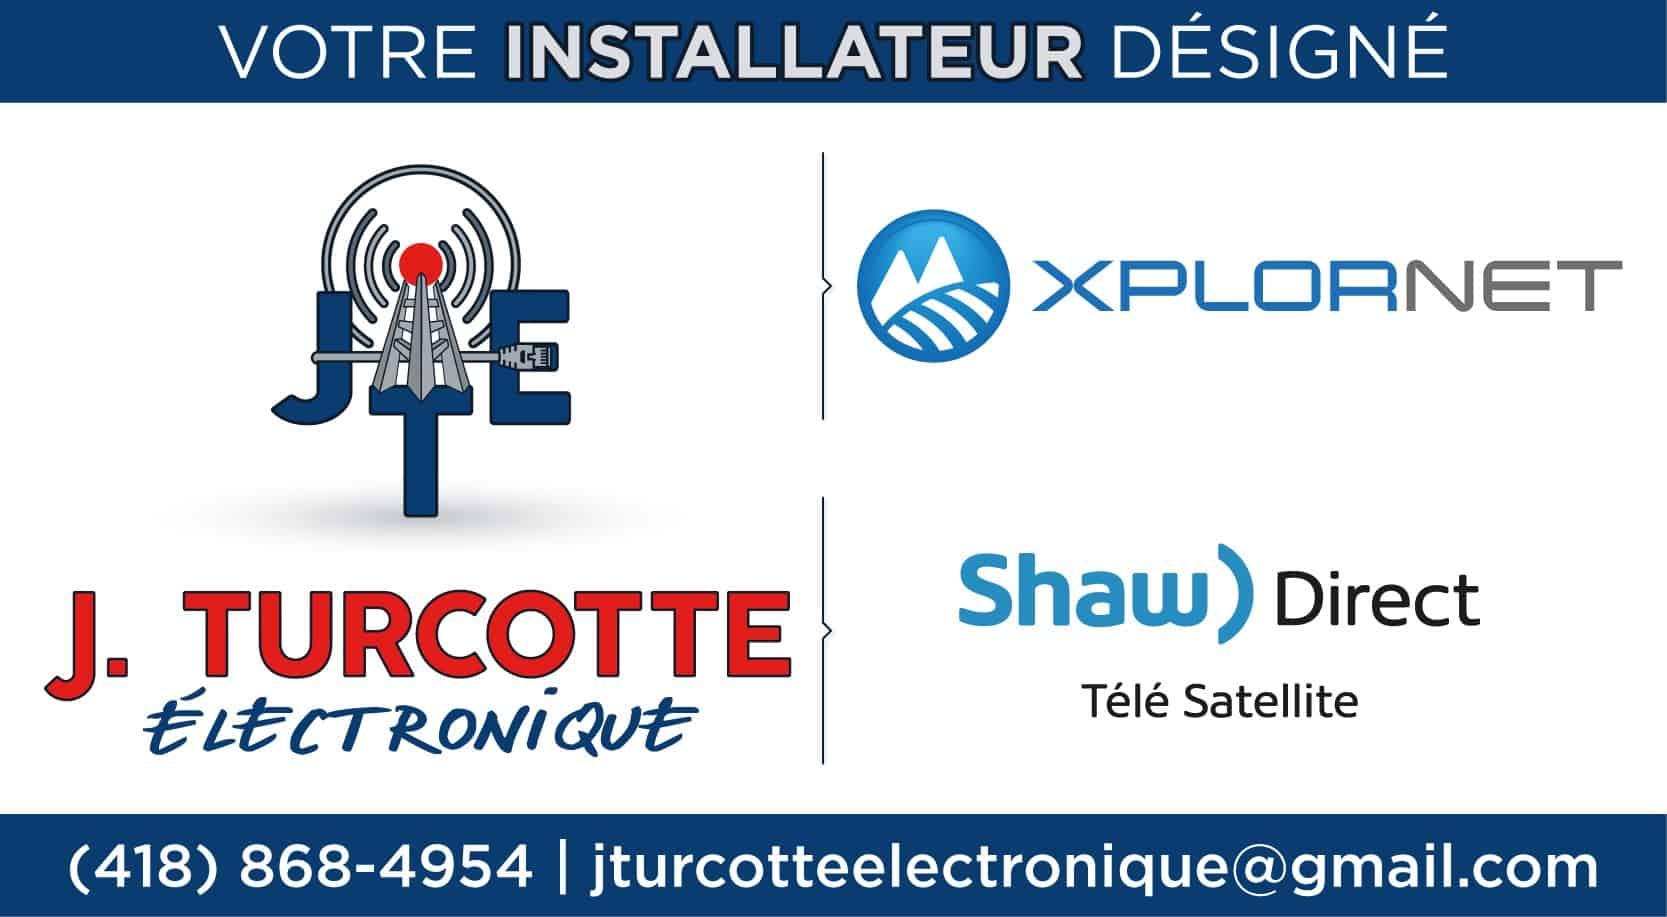 J Turcotte Électronique